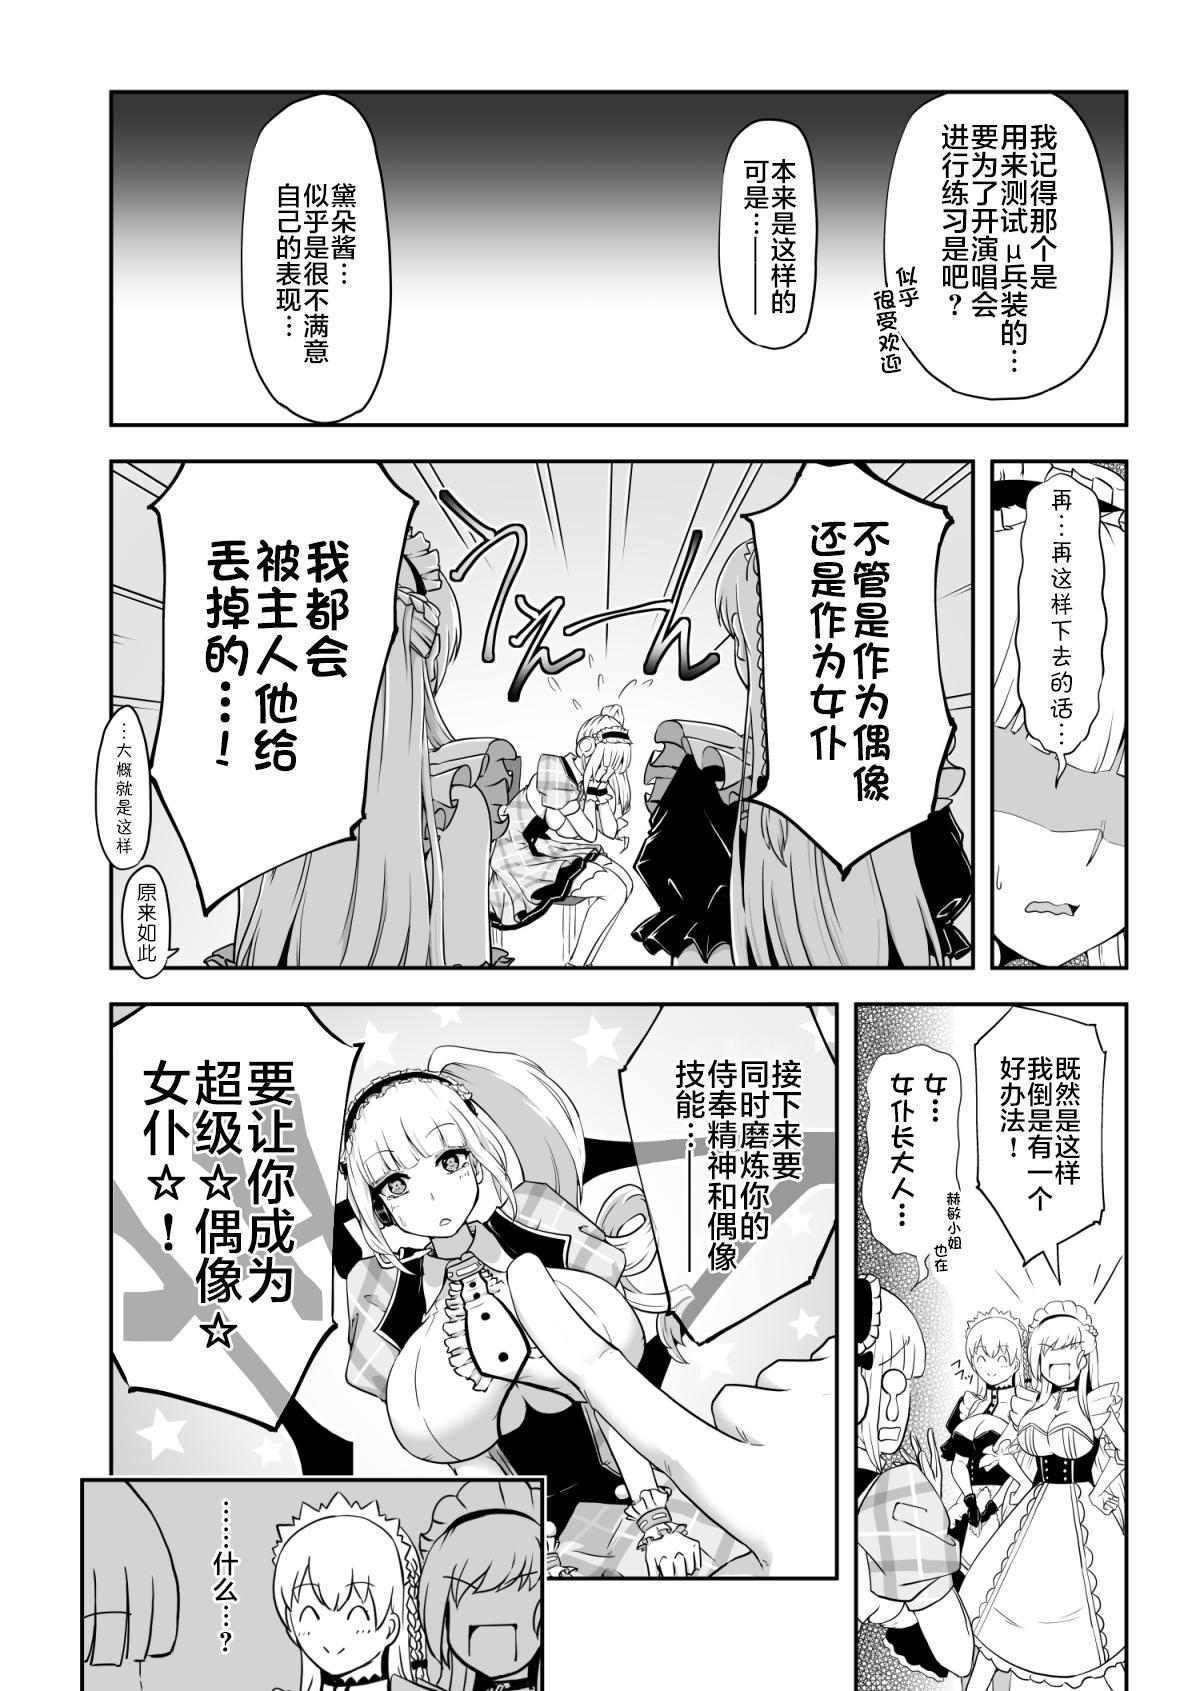 Dido-chan no Idol Lesson ♪ 2